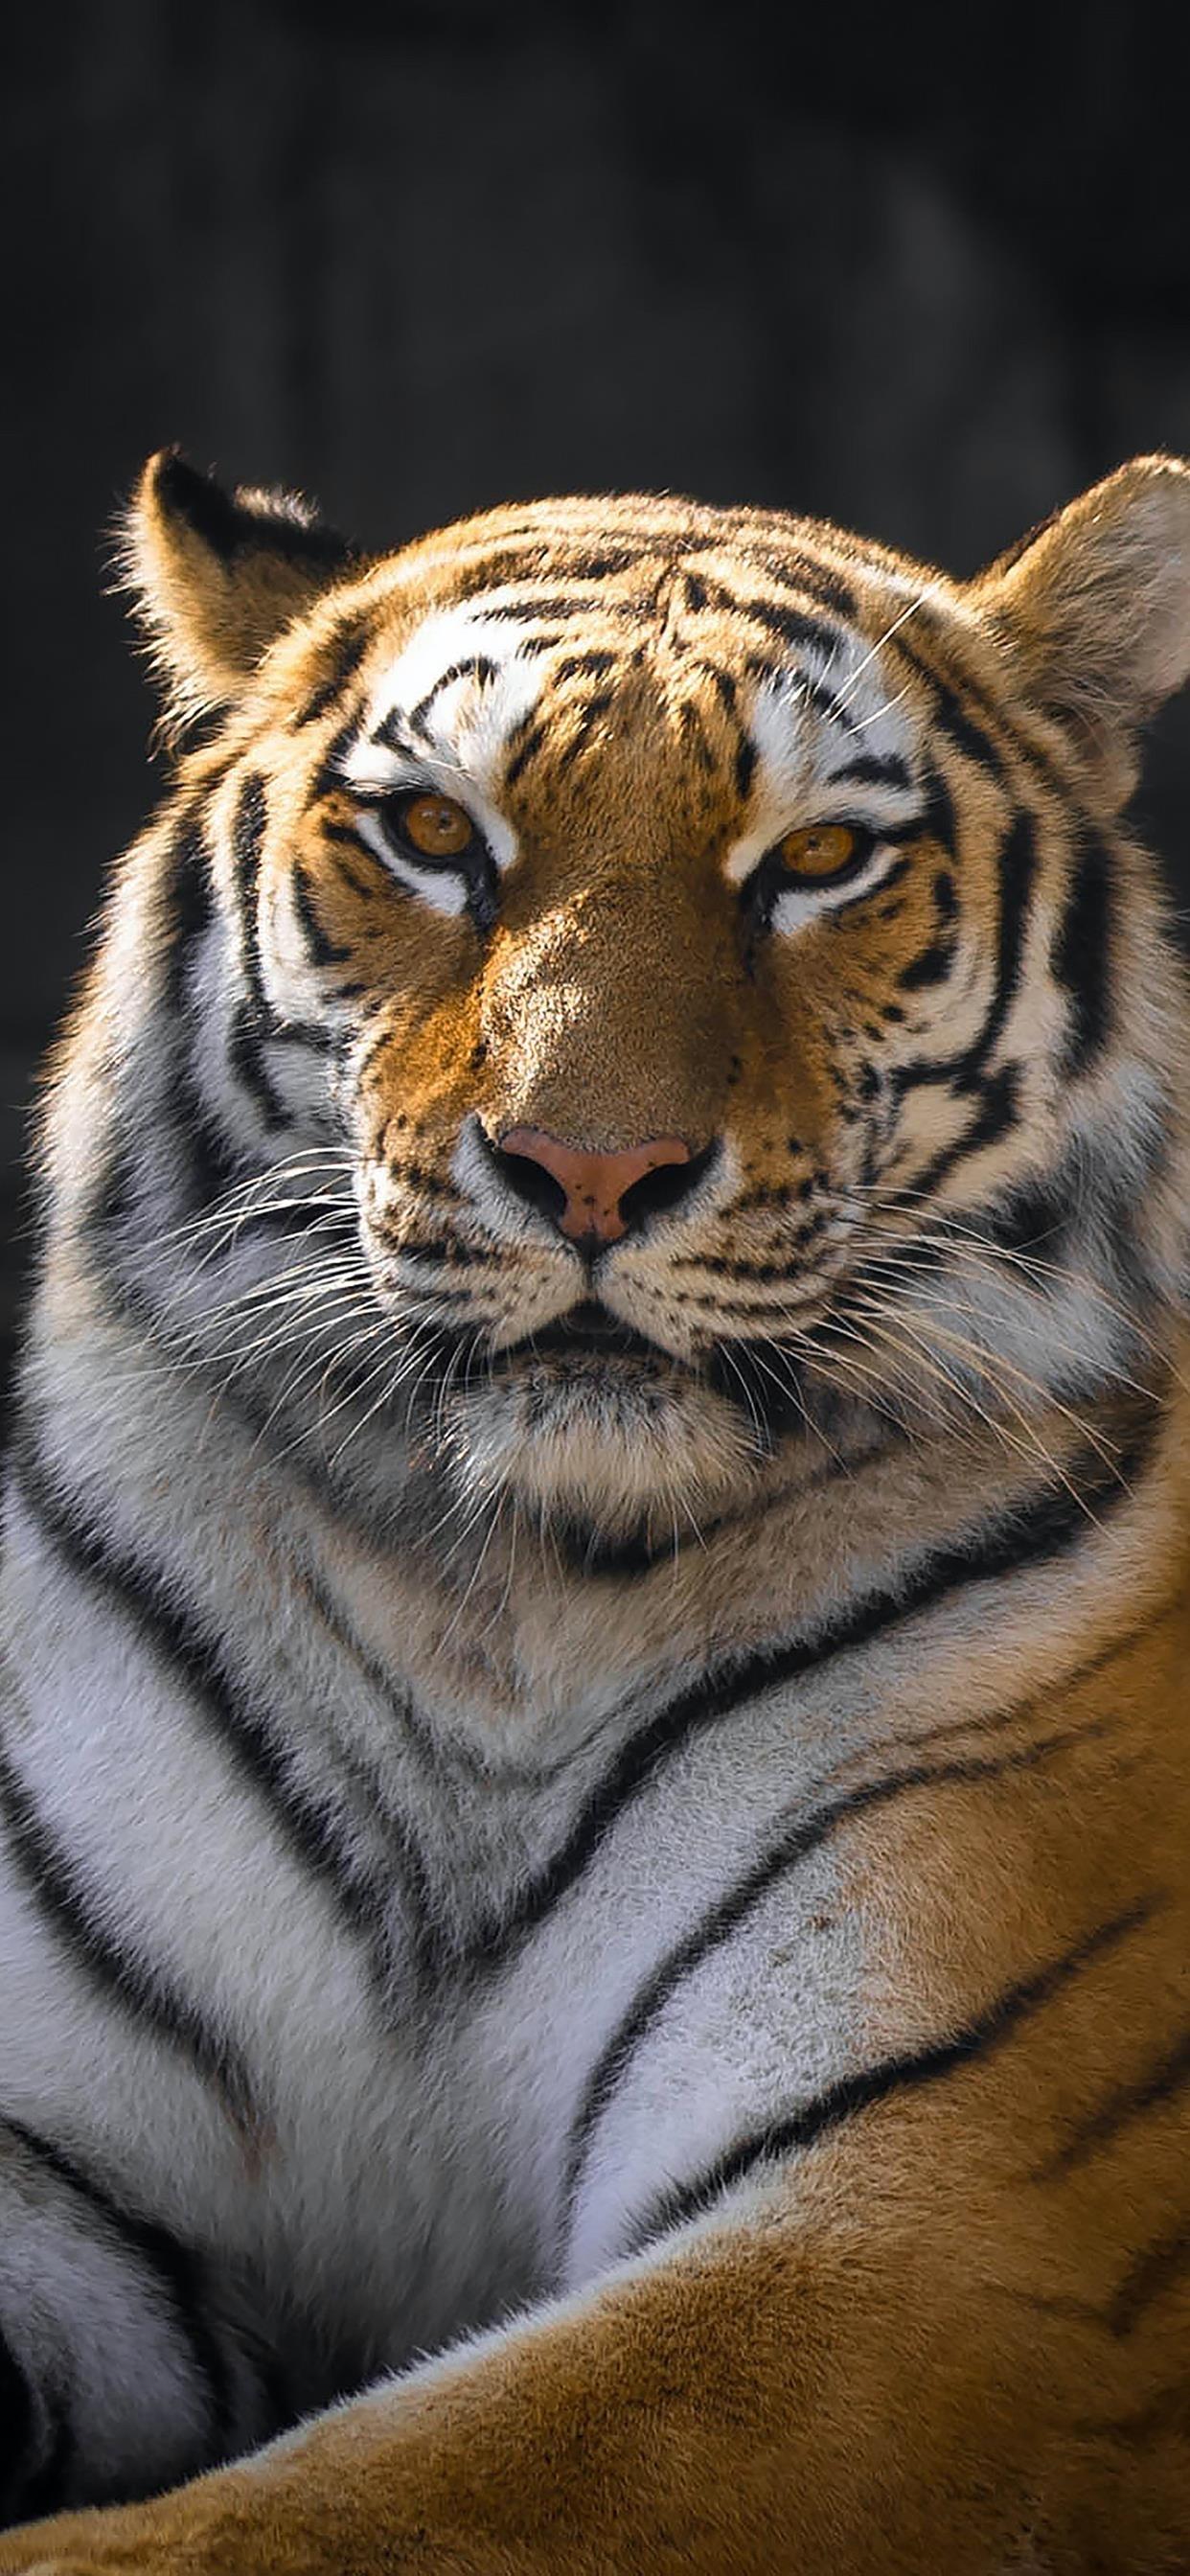 老虎摄影图片手机壁纸